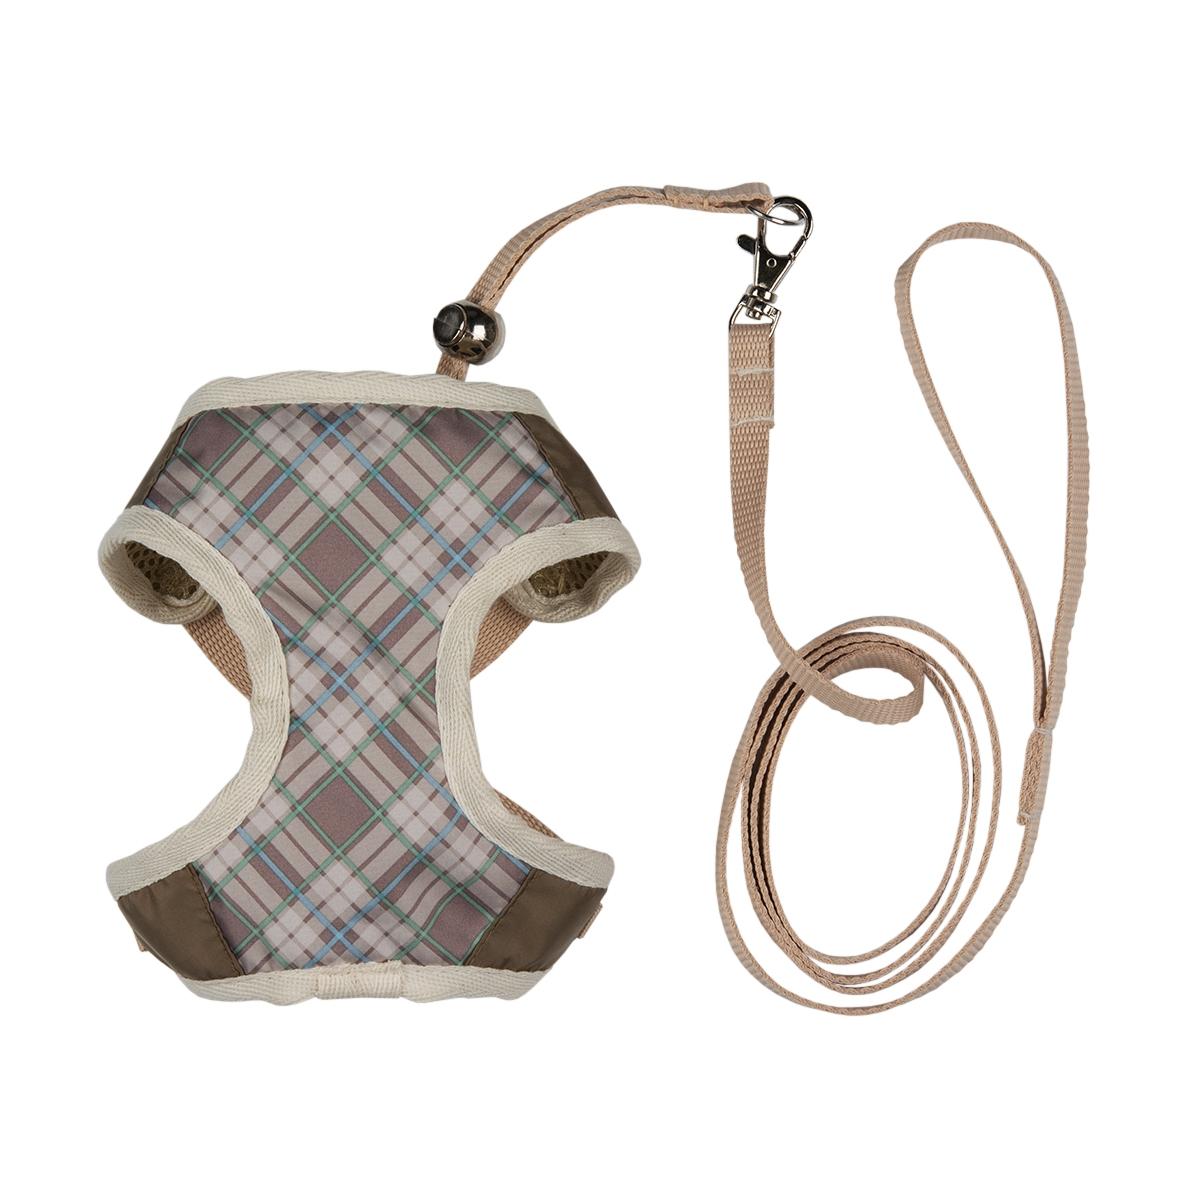 Комплект Dogmoda Ватсон (шлейка и поводок) размер 2DM-130064-2_бежевыйКомплект для прогулки Ватсон, состоящий из шлейки и поводка. Выполнен из практичной моющейся ткани.